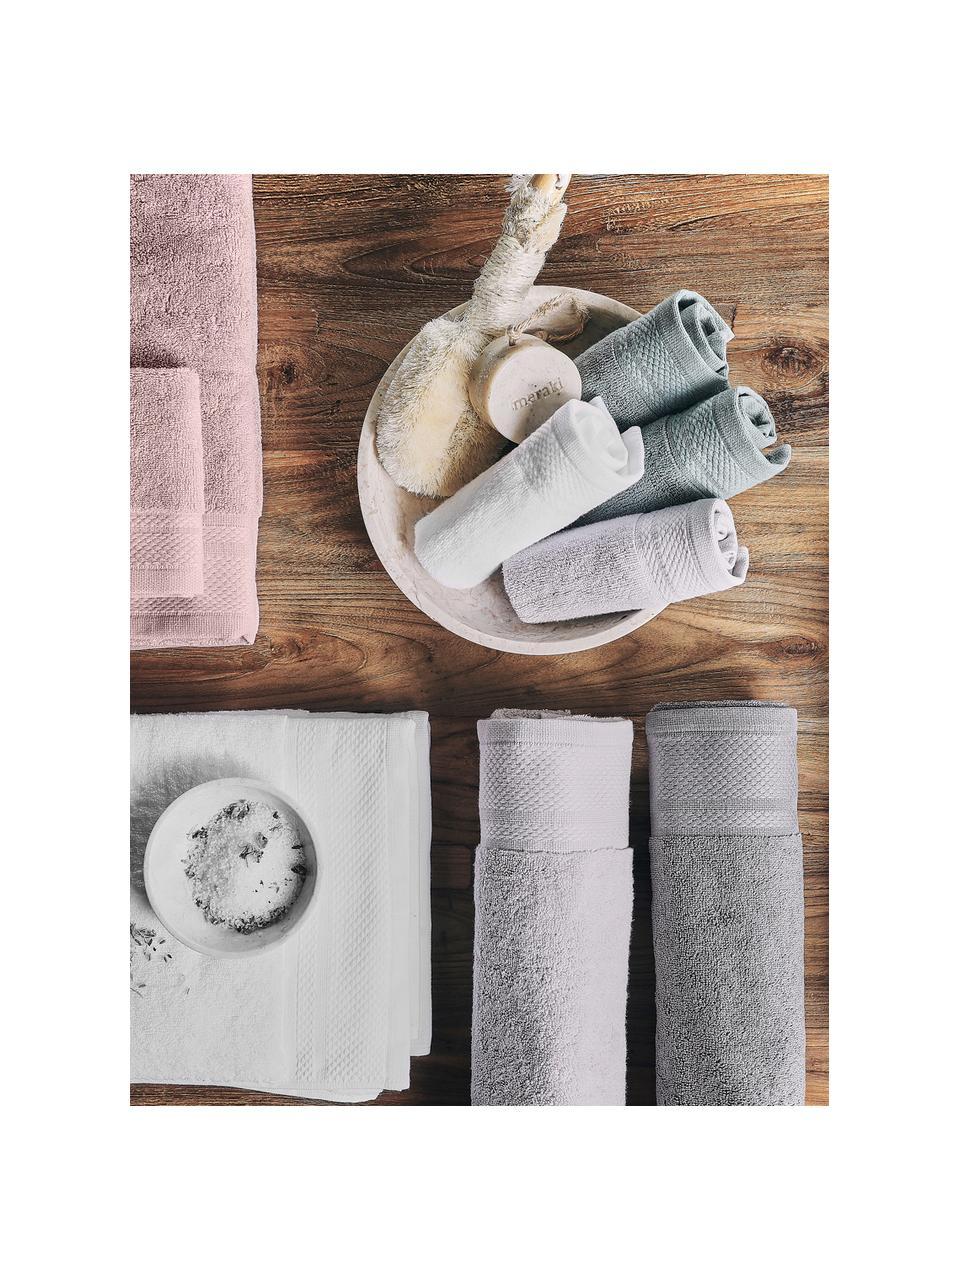 Handtuch-Set Premium mit klassischer Zierbordüre, 3-tlg., Altrosa, Set mit verschiedenen Größen